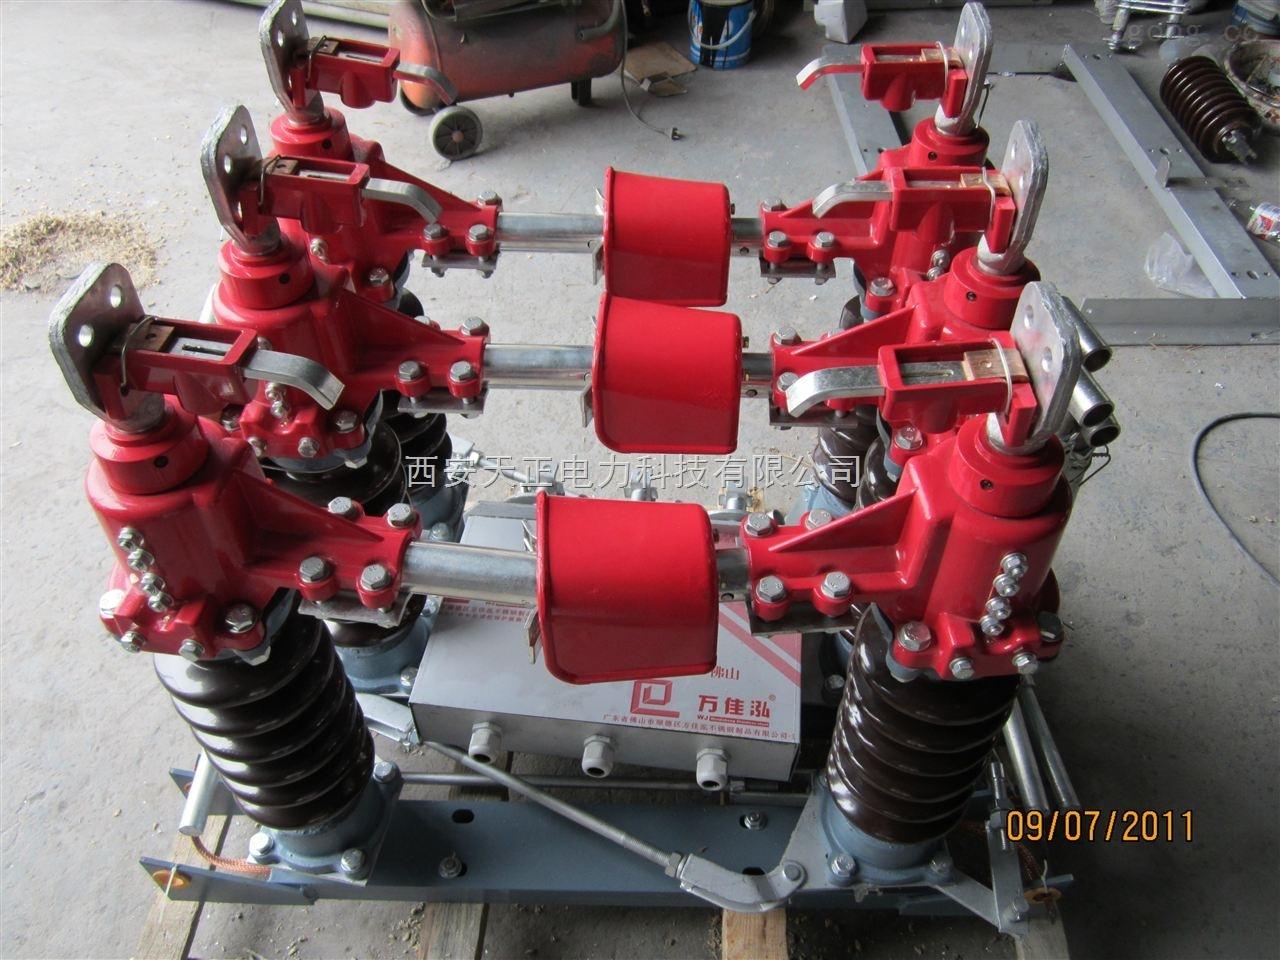 GW4-40.5/1250A户外隔离开关(以下简称隔离开关)为户外型设备,主刀配有CJ6型电动操作机构(也可按用户要求,地刀不配操作机构,但在刀闸两侧带接地刀静触头,以便于用户挂接地线),适用于三相交流50Hz、35KV的电力系统中,它可供有电压无负荷时分合电路之用。产品出厂时向用户提供隔离开关支架及成套安装底座、地脚螺栓,方便用户实现就地一次安装成型。 新设计的高压隔离开关采取有效措施,解决了产品运行中普遍存在 的导电回路过热、操作失灵和部件锈蚀等问题,向少维护、免维护方向前进了一大步,并能与原结构兼容